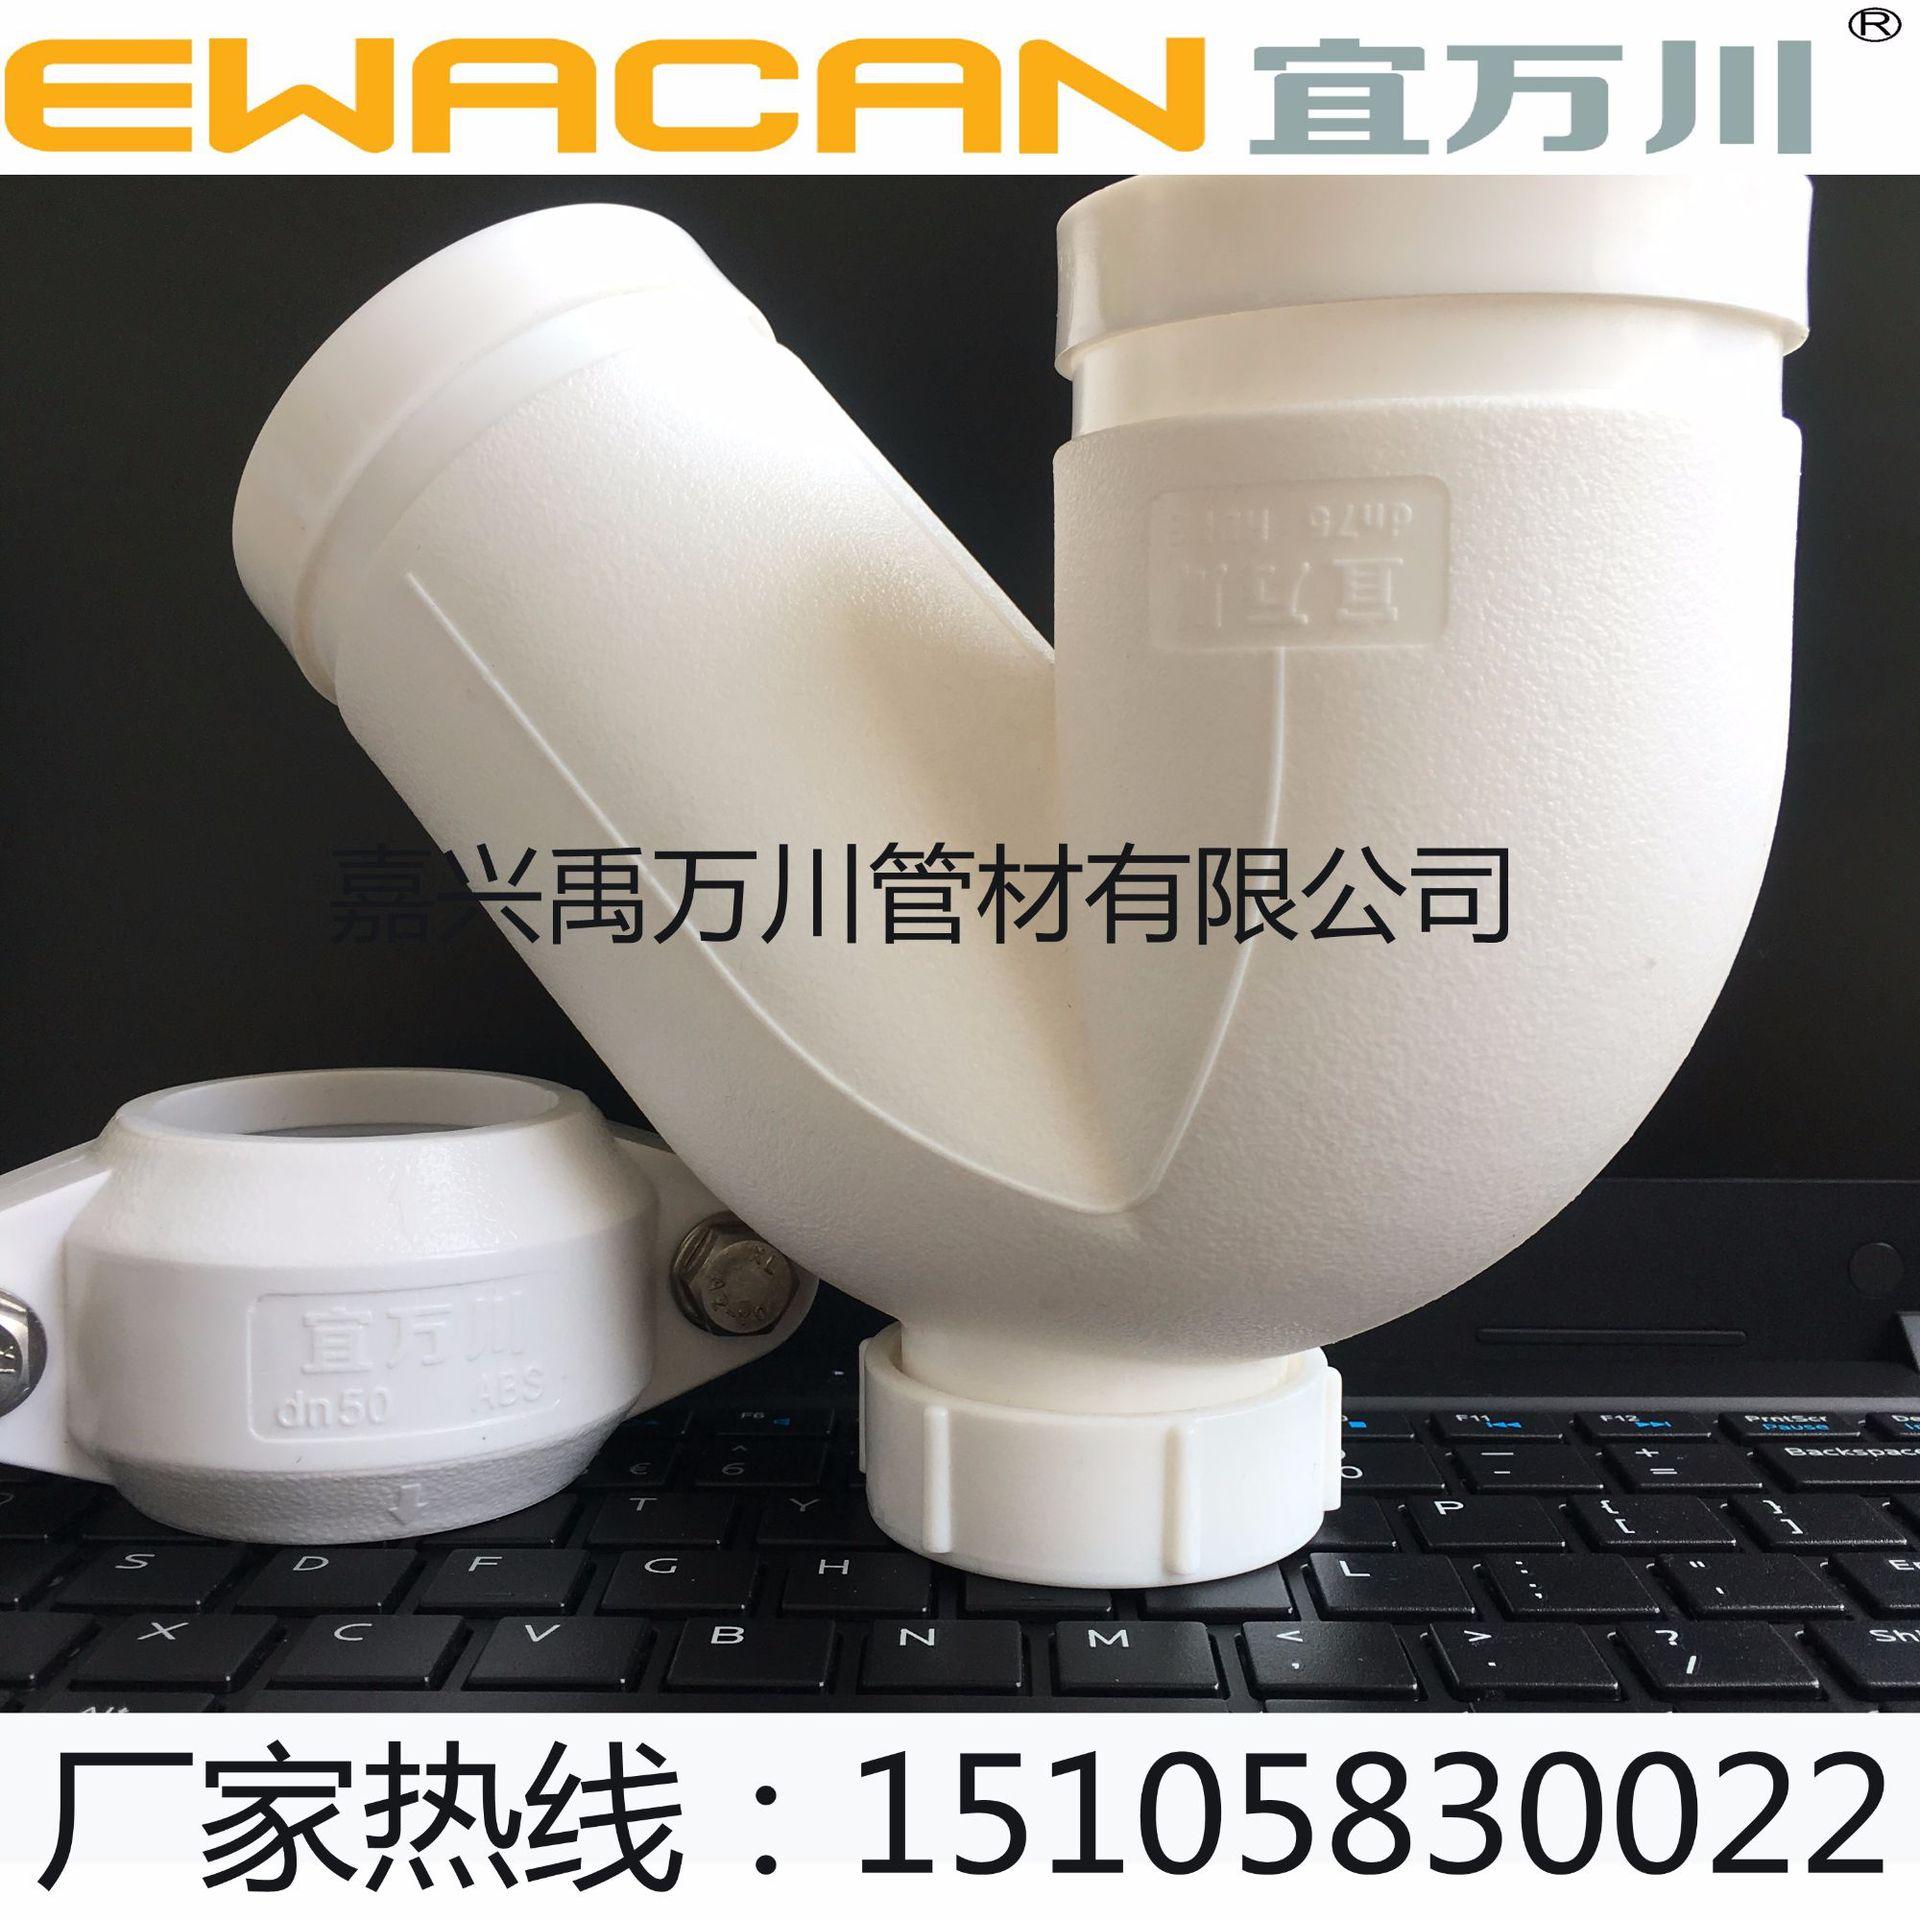 沟槽式HDPE超静音排水管,高密度聚乙烯ABS压环卡箍柔性连接示例图2